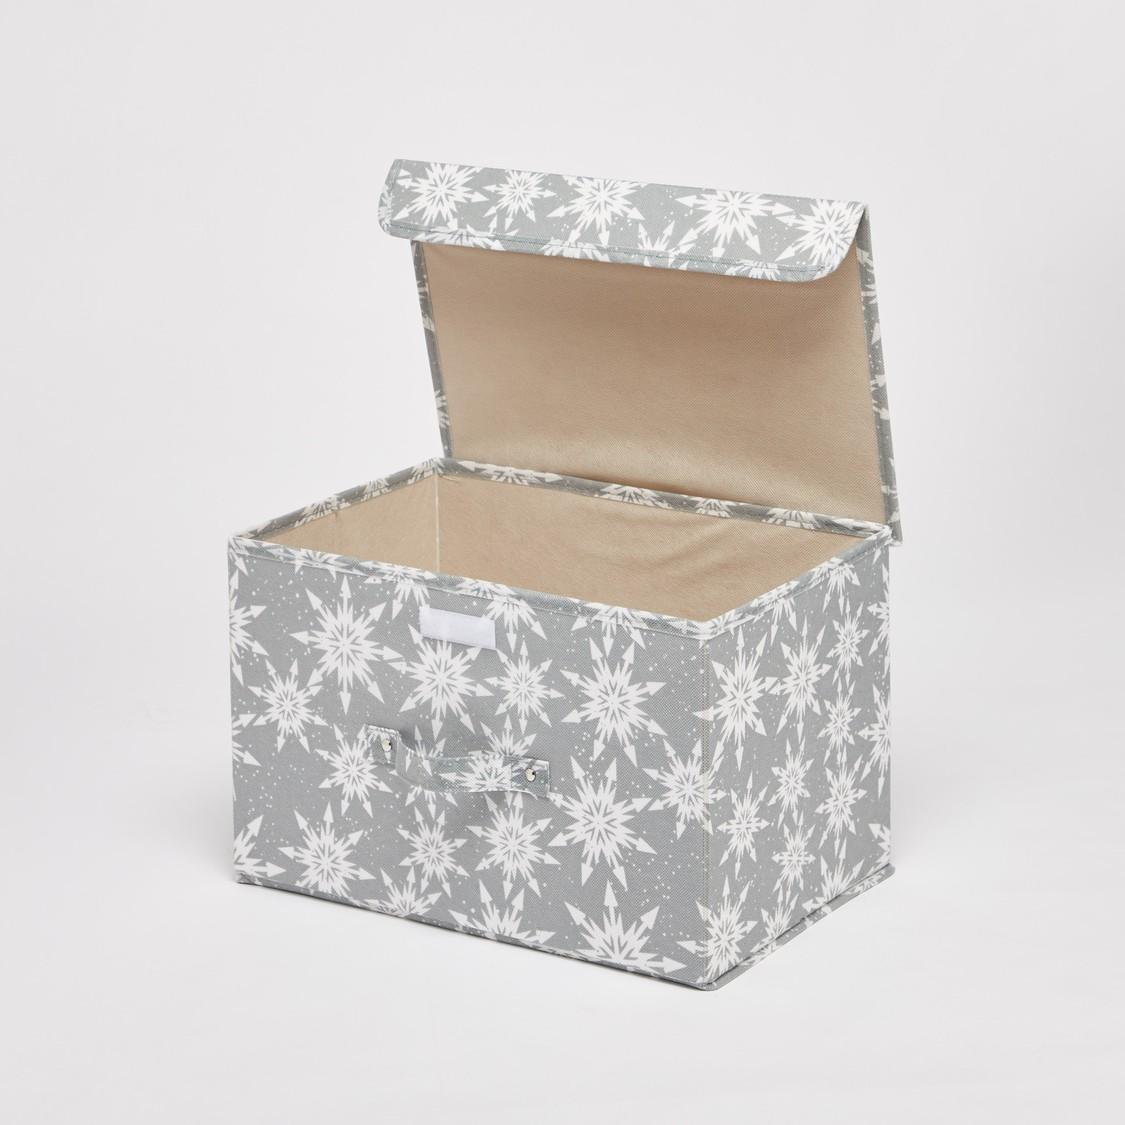 صندوق تخزين مستطيل الشكل بطبعات وغطاء ومقبض - 38x25x25 سم